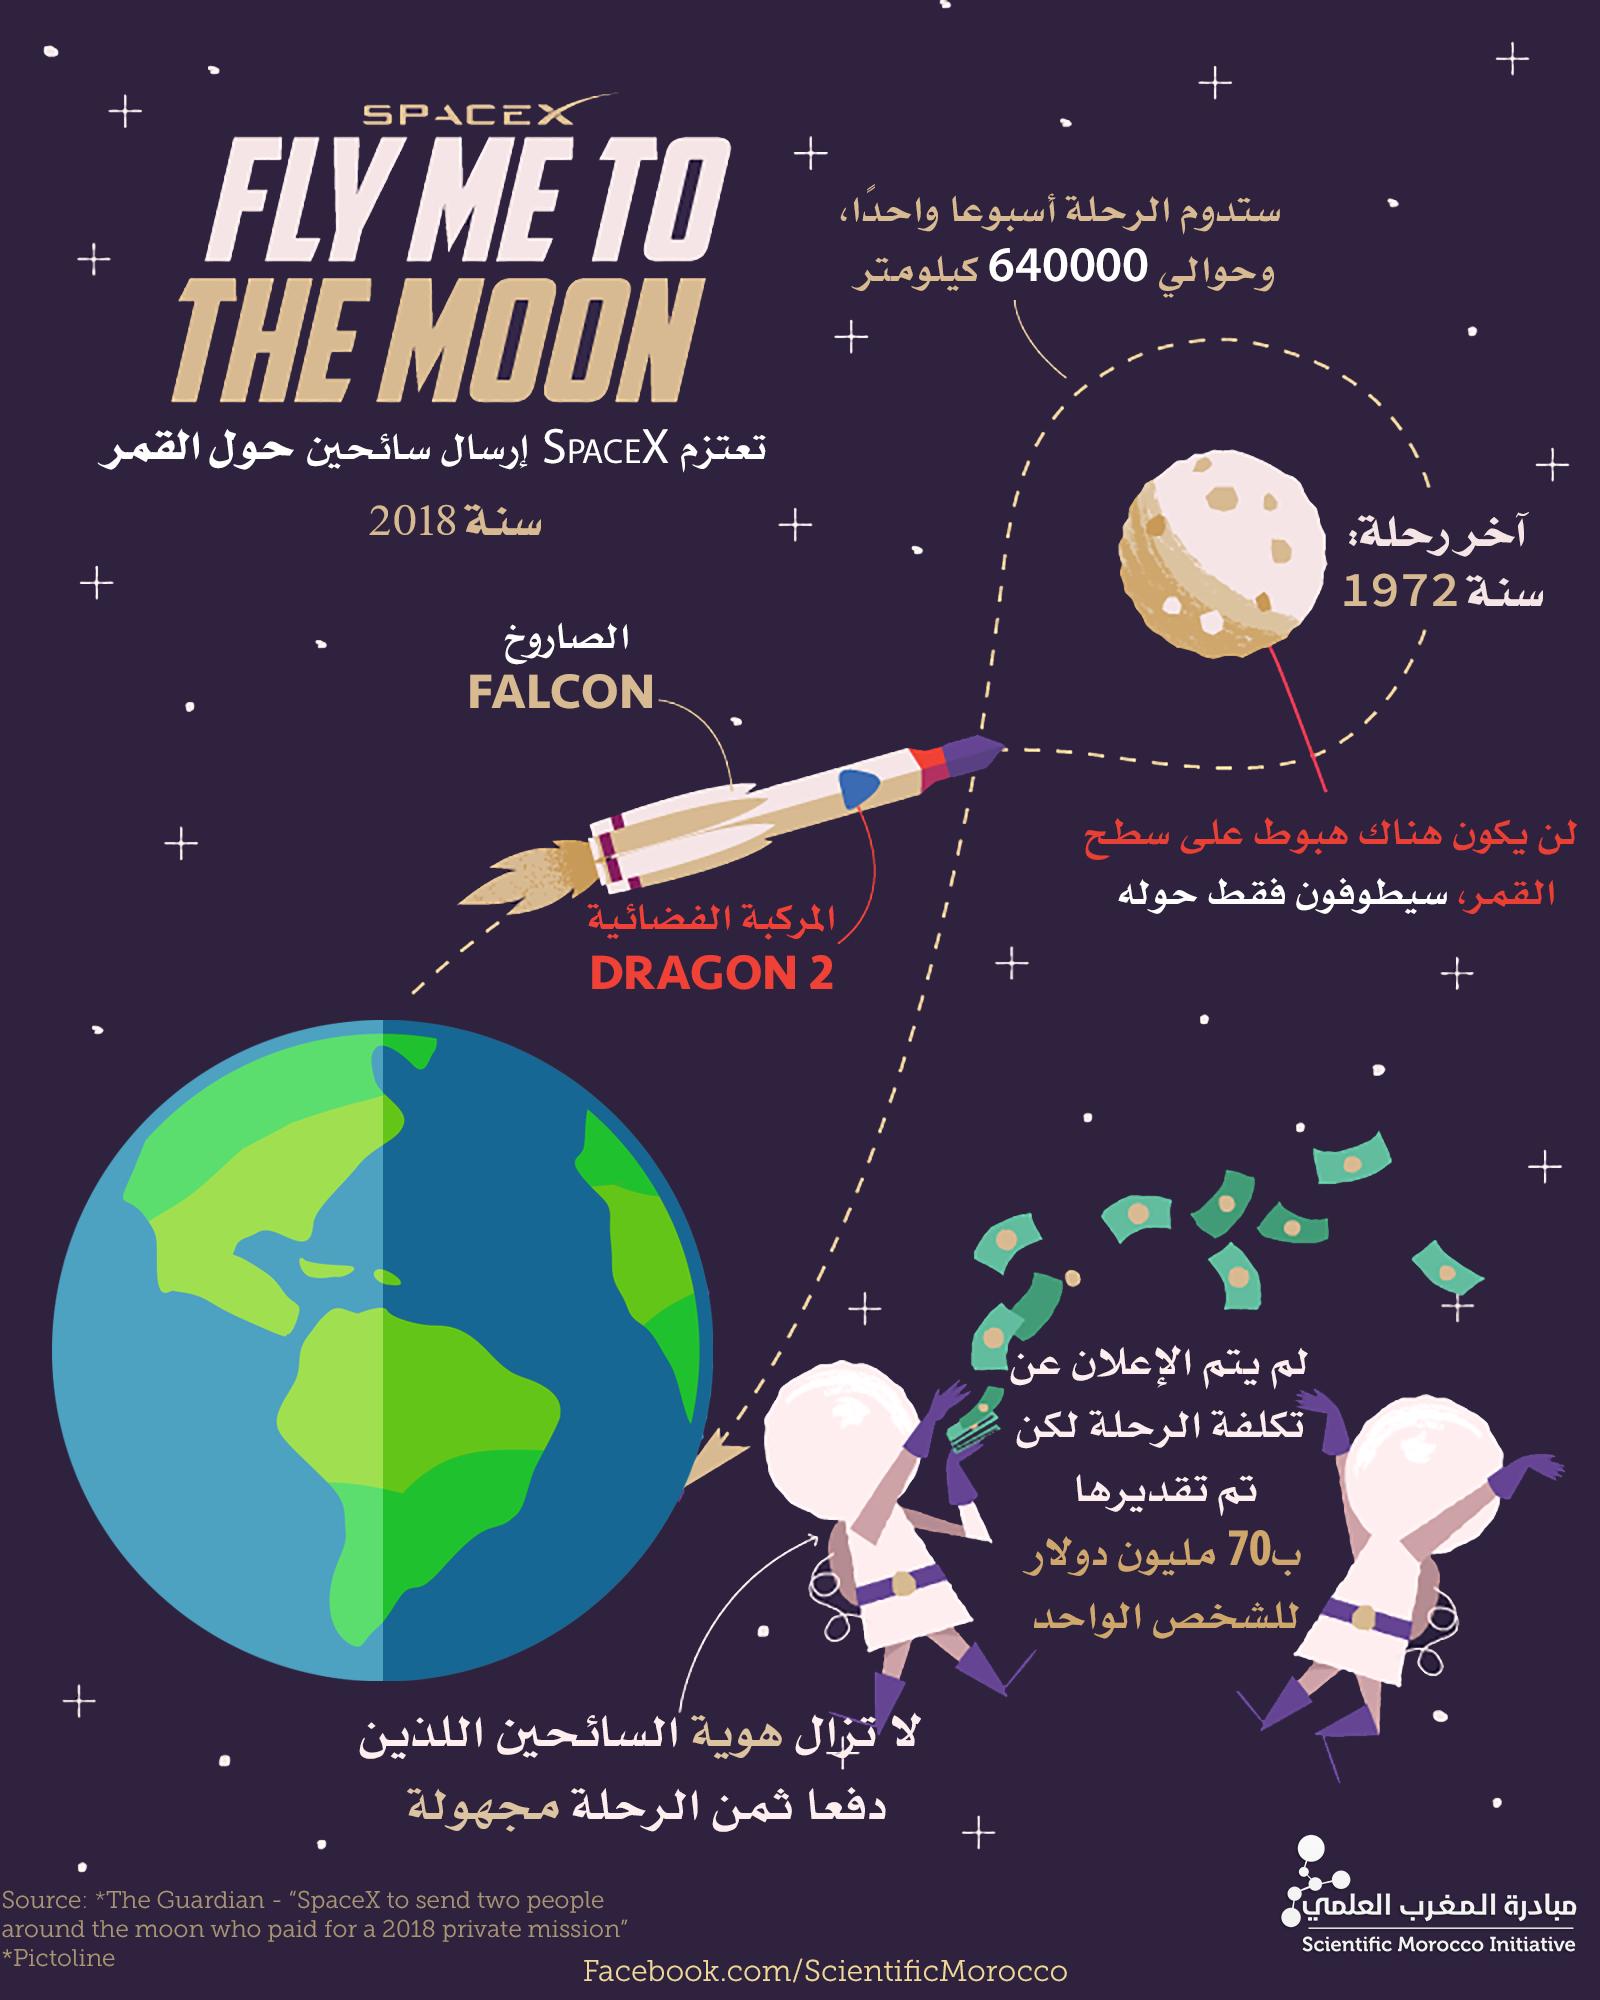 """أعلنت شركة """"سبايس إكس"""" SpaceX أنها سترسل شخصين إلى القمر السنة المقبلة 2018"""